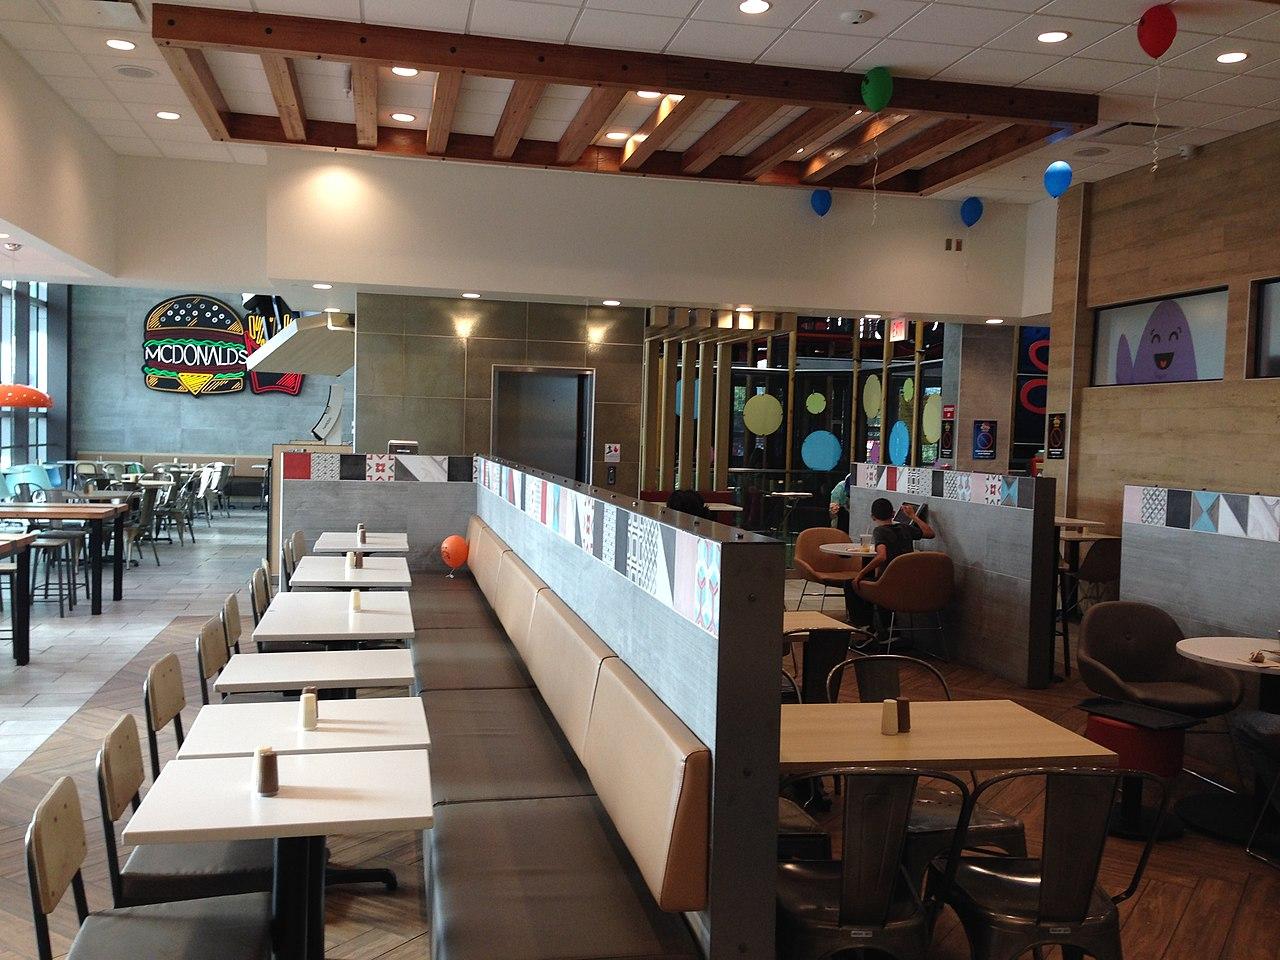 Describe Restaurant Decor : File mcdonald s sand lake rd orlando interior g